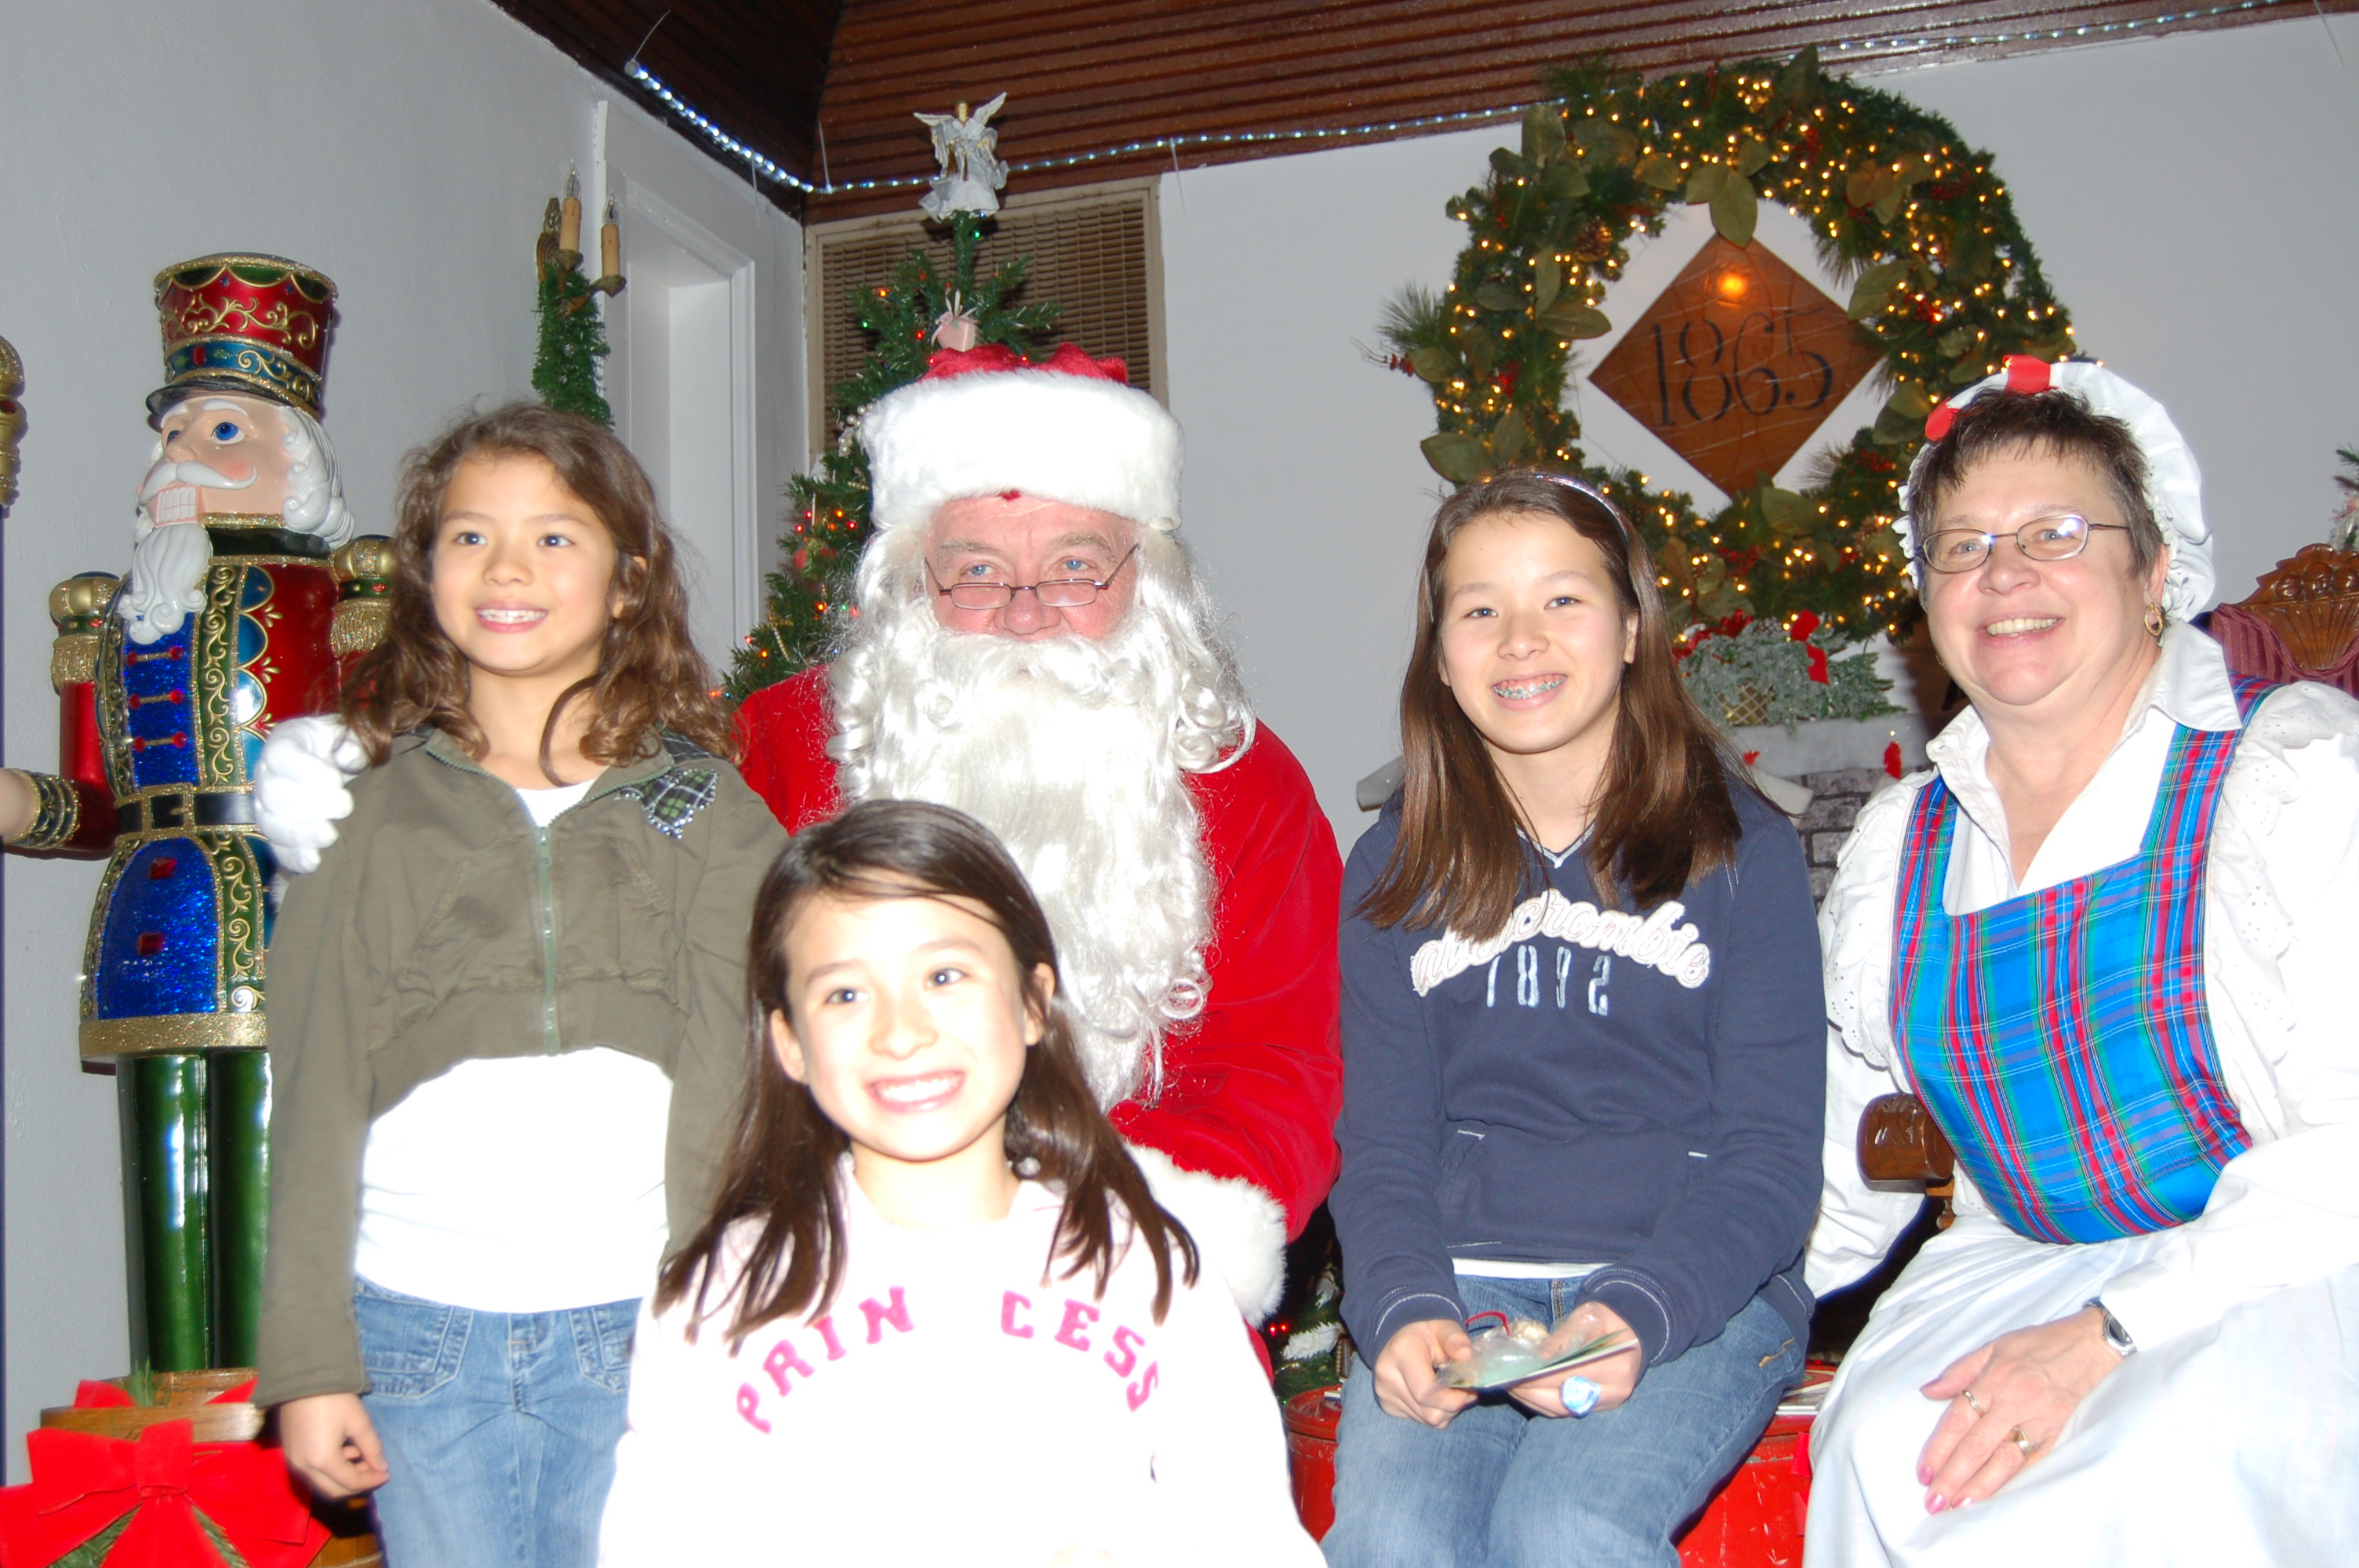 LolliPop+Lane+12-11-2008+Picture+033.jpg